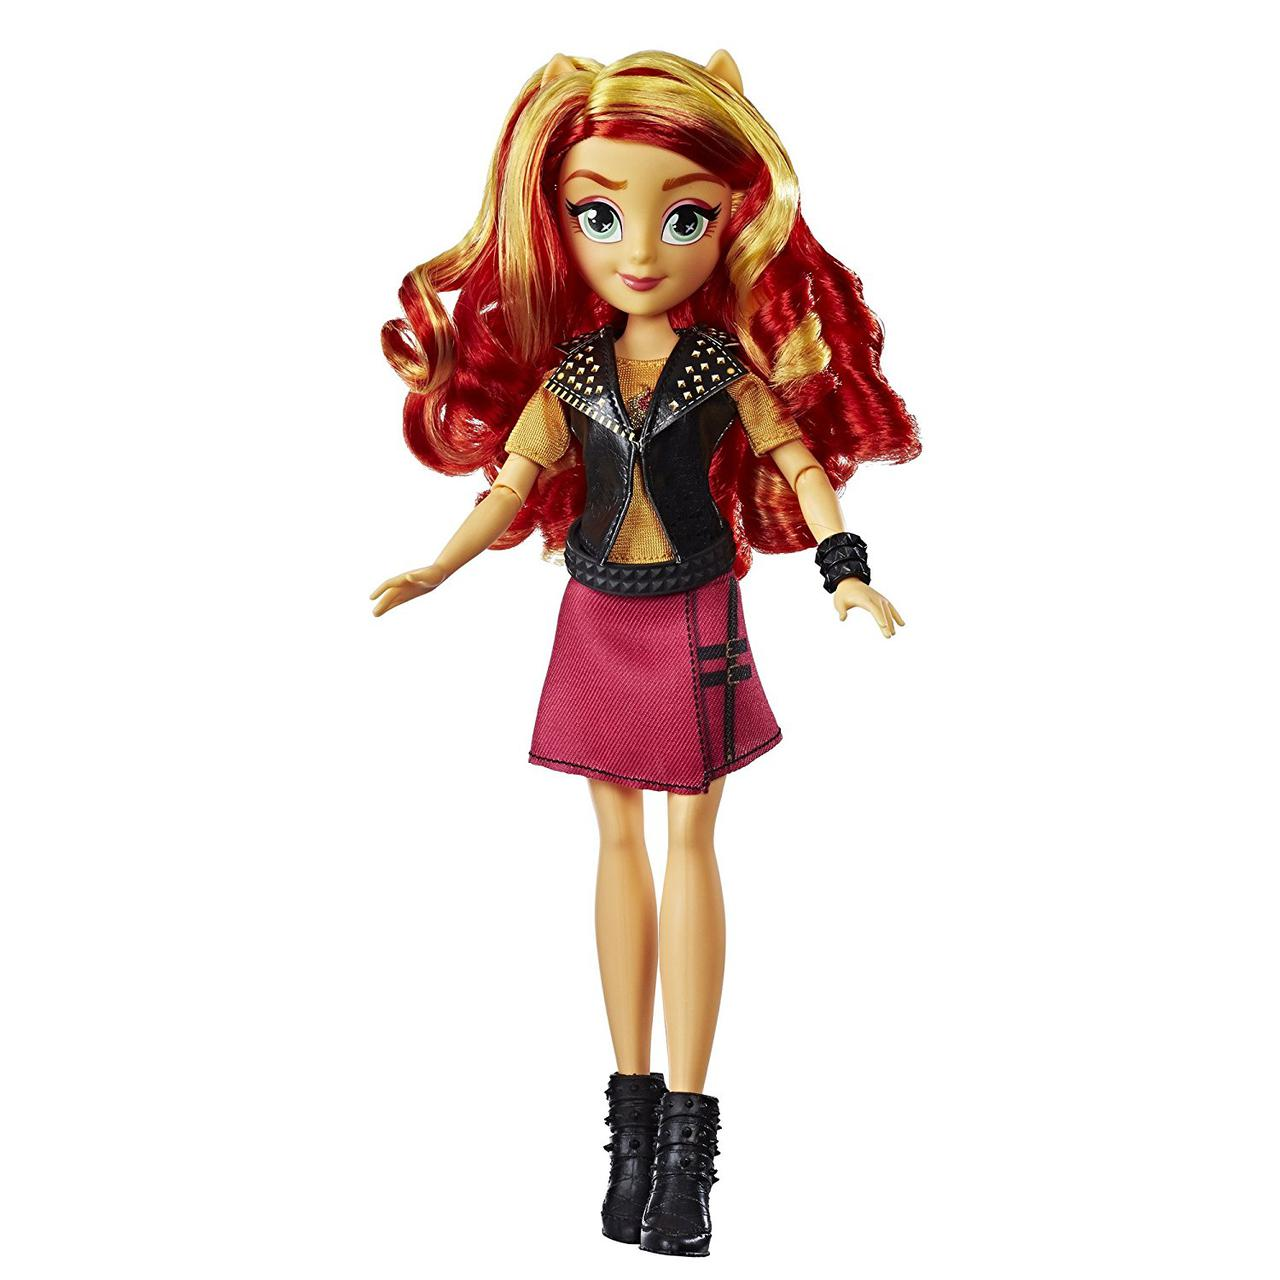 Май Лител Пони Кукла Сансет Классический стиль My Little Pony Equestria Girls Sunset Shimmer Classic Style